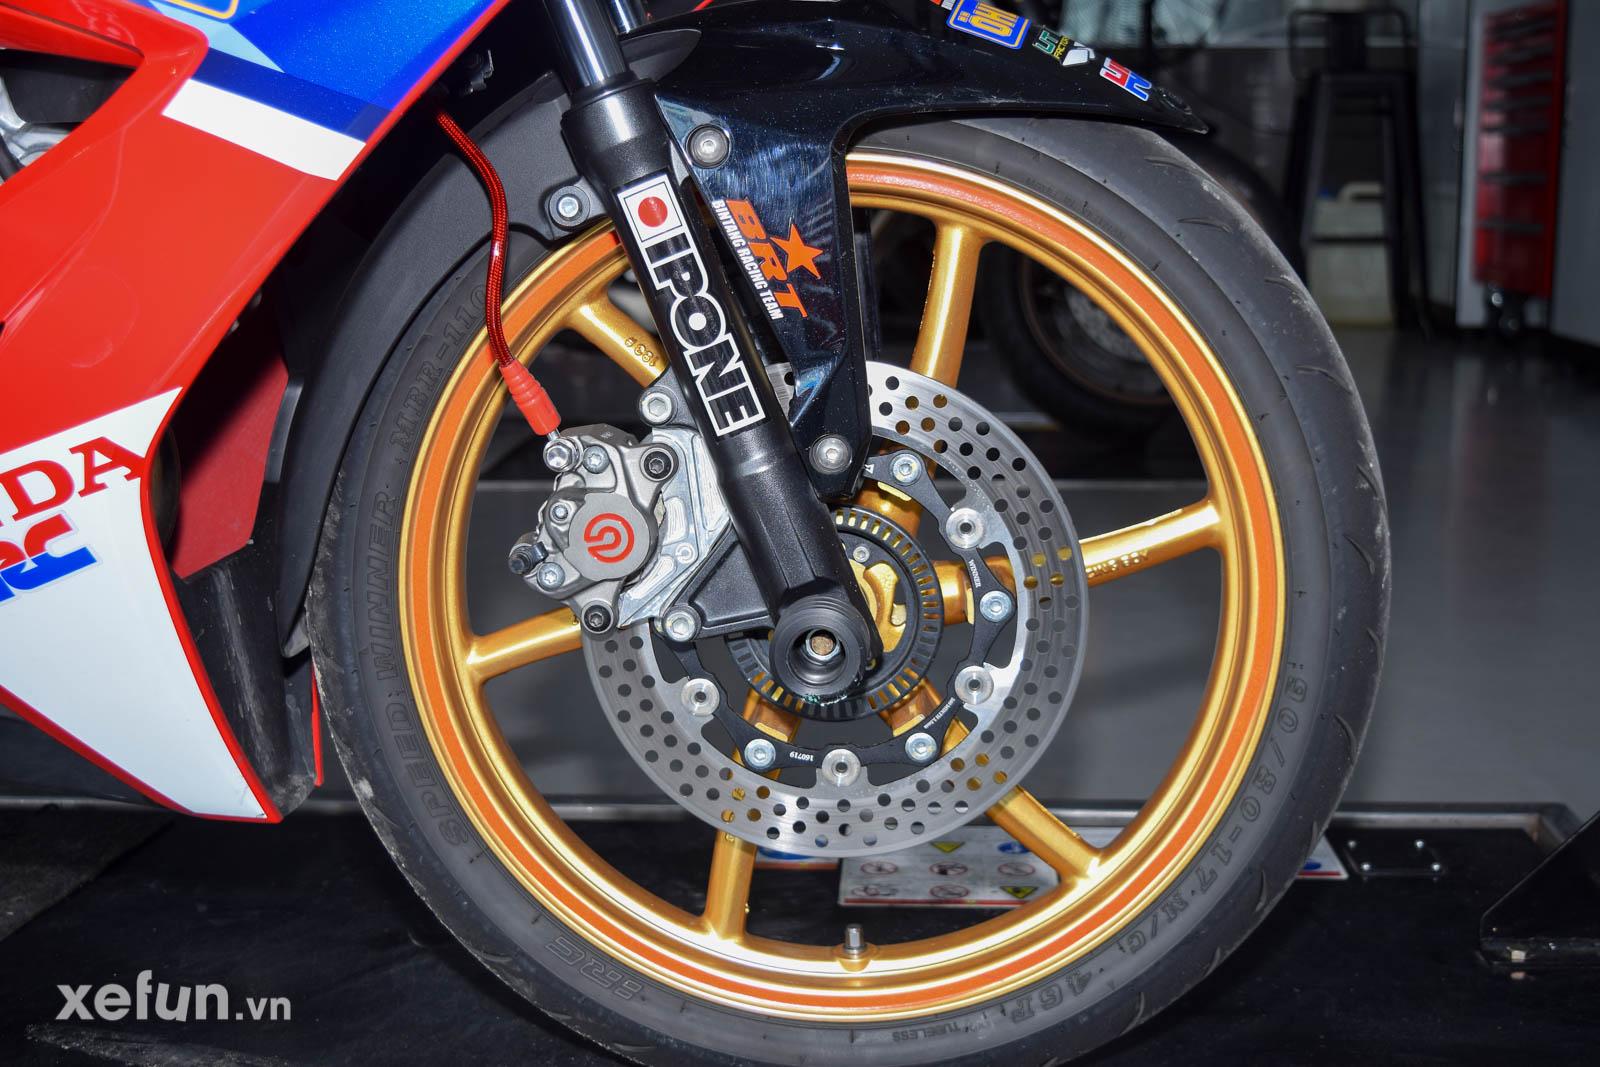 Heo brembo 2 pis Honda Winner X 2021 độ track_xefun